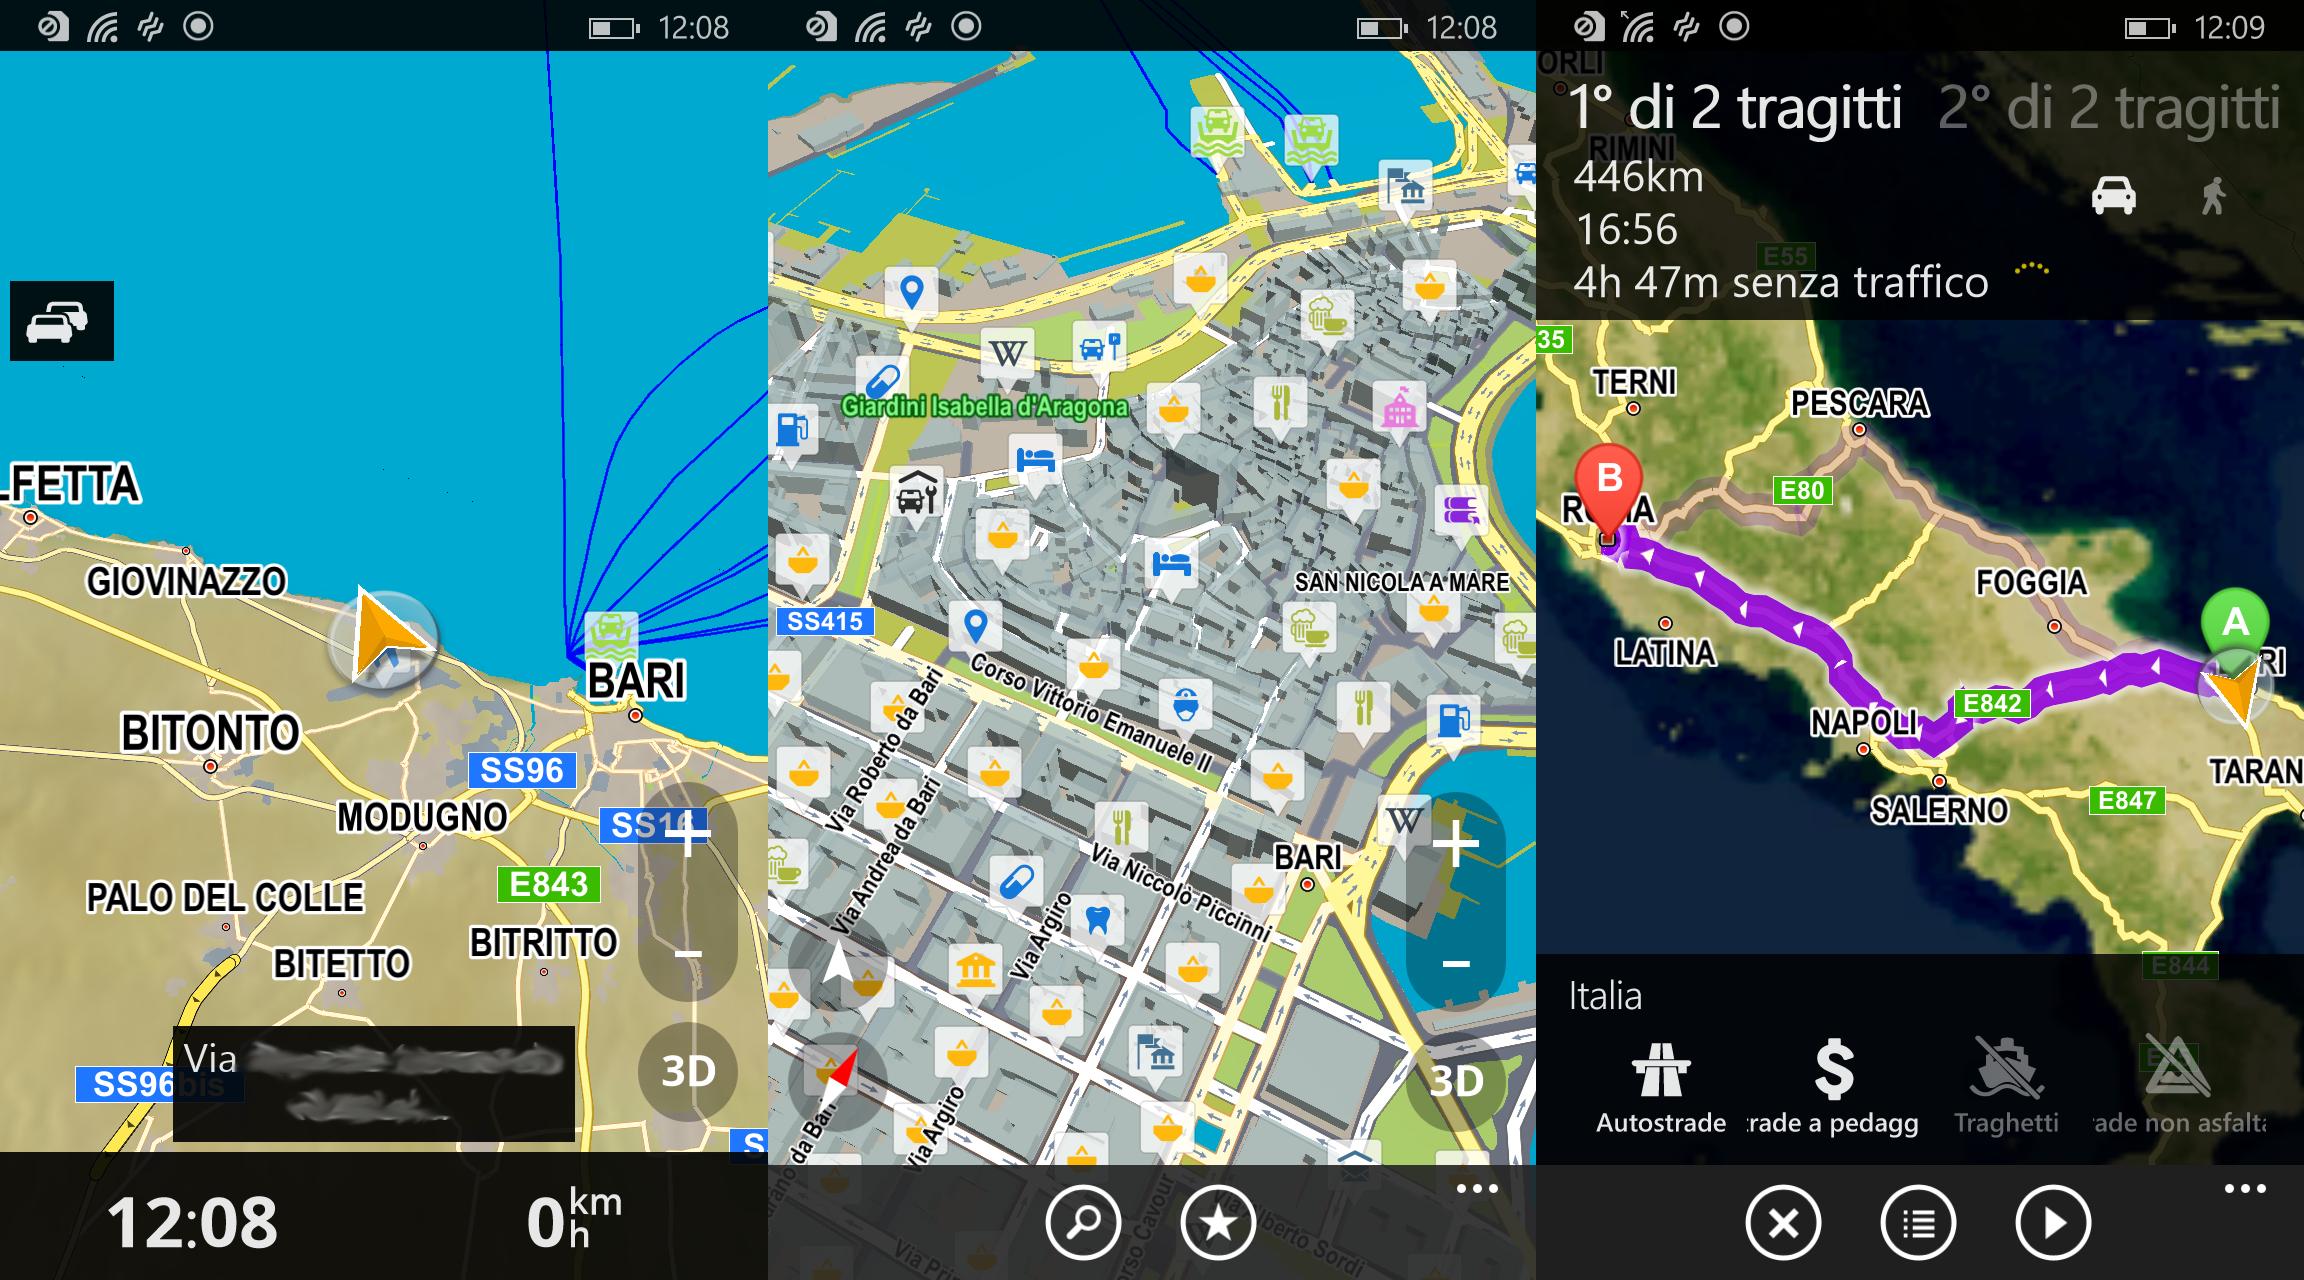 Recensione del nuovo navigatore offline per Windows Phone